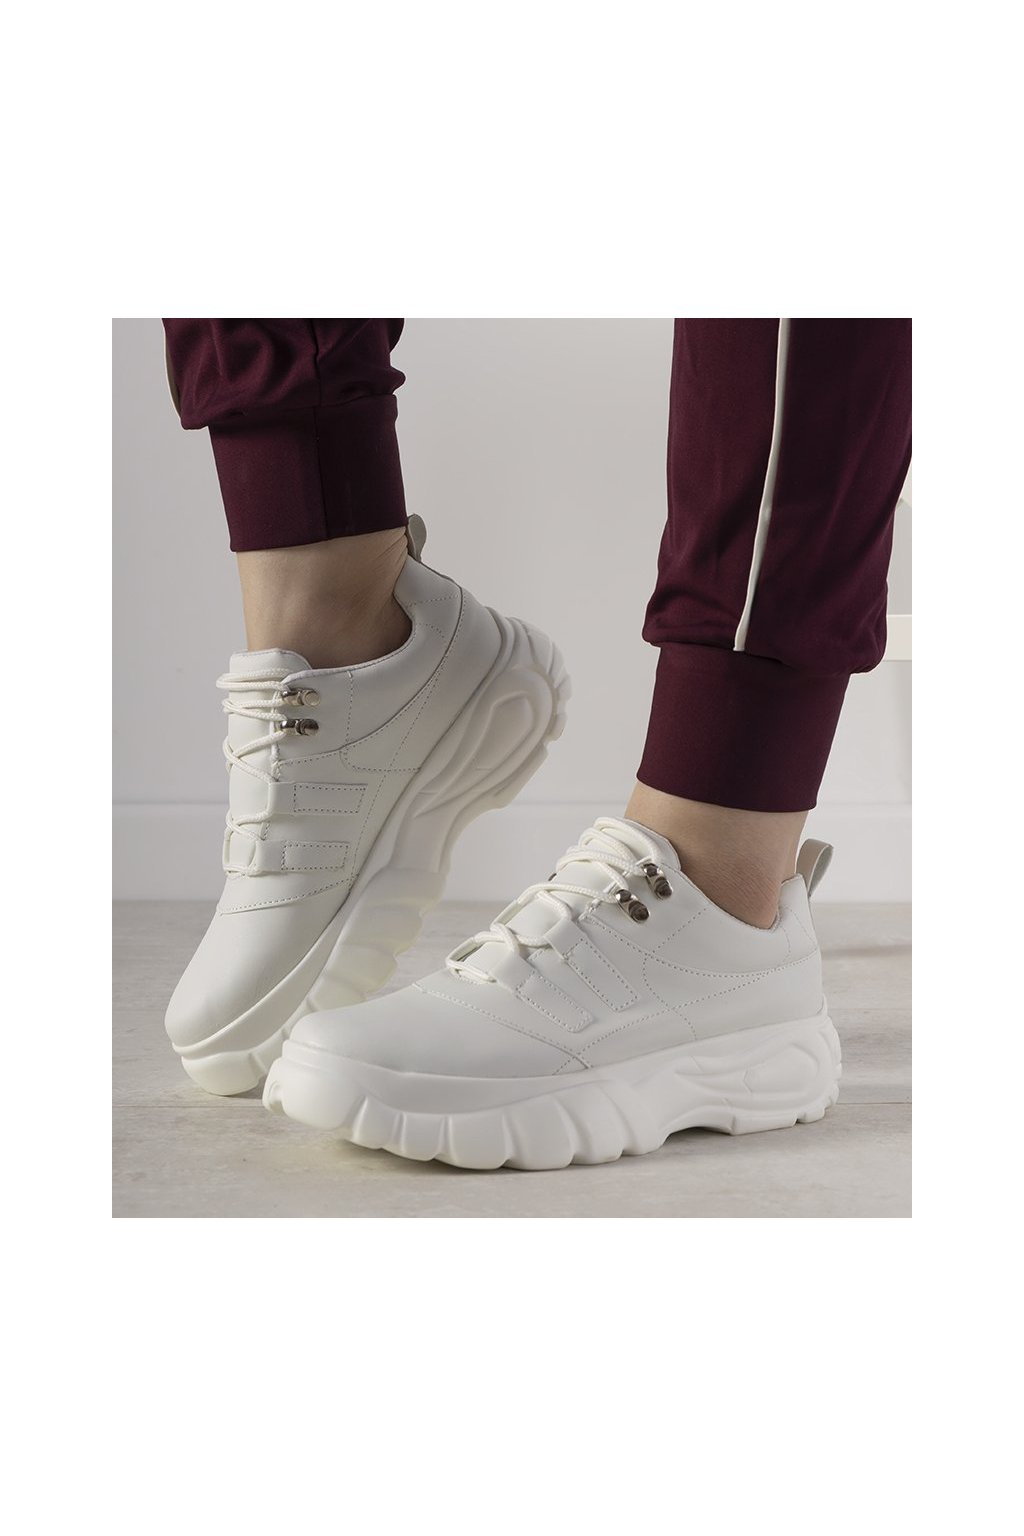 Dámske topánky tenisky biele kód E3143 - GM